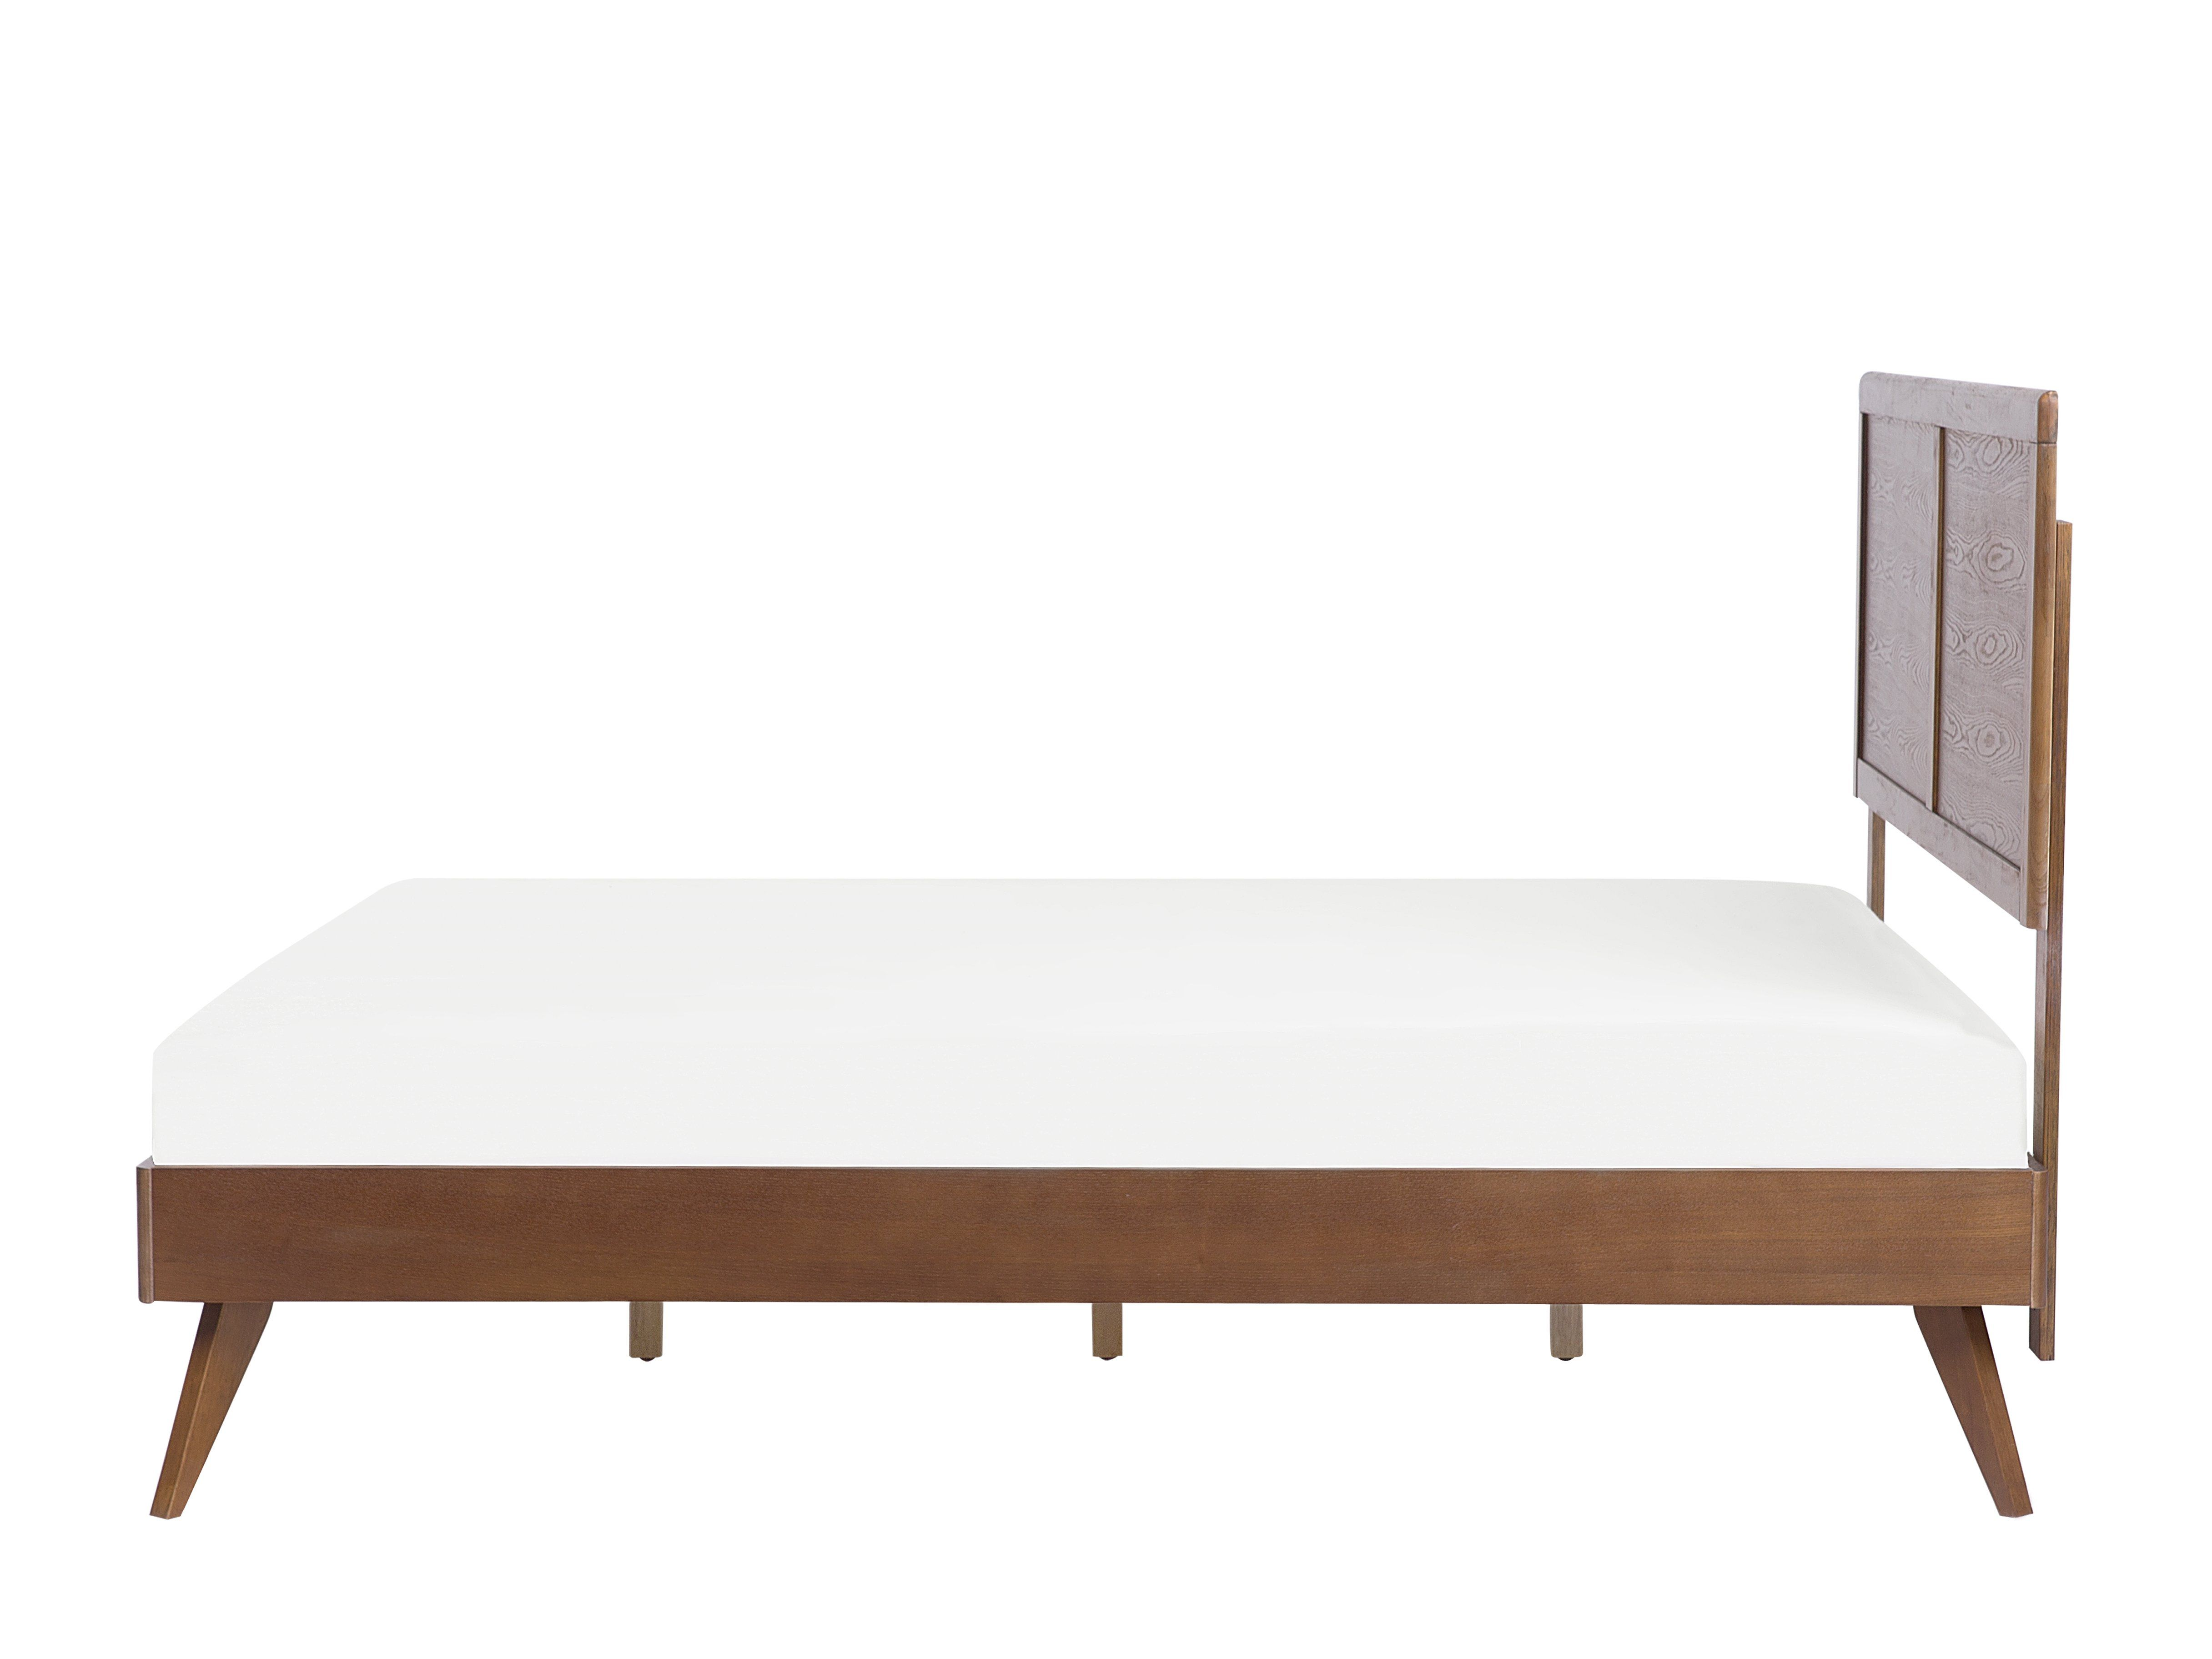 Beliani Letto a doghe in Legno Marrone Scuro 160 x 200 cm ISTRES